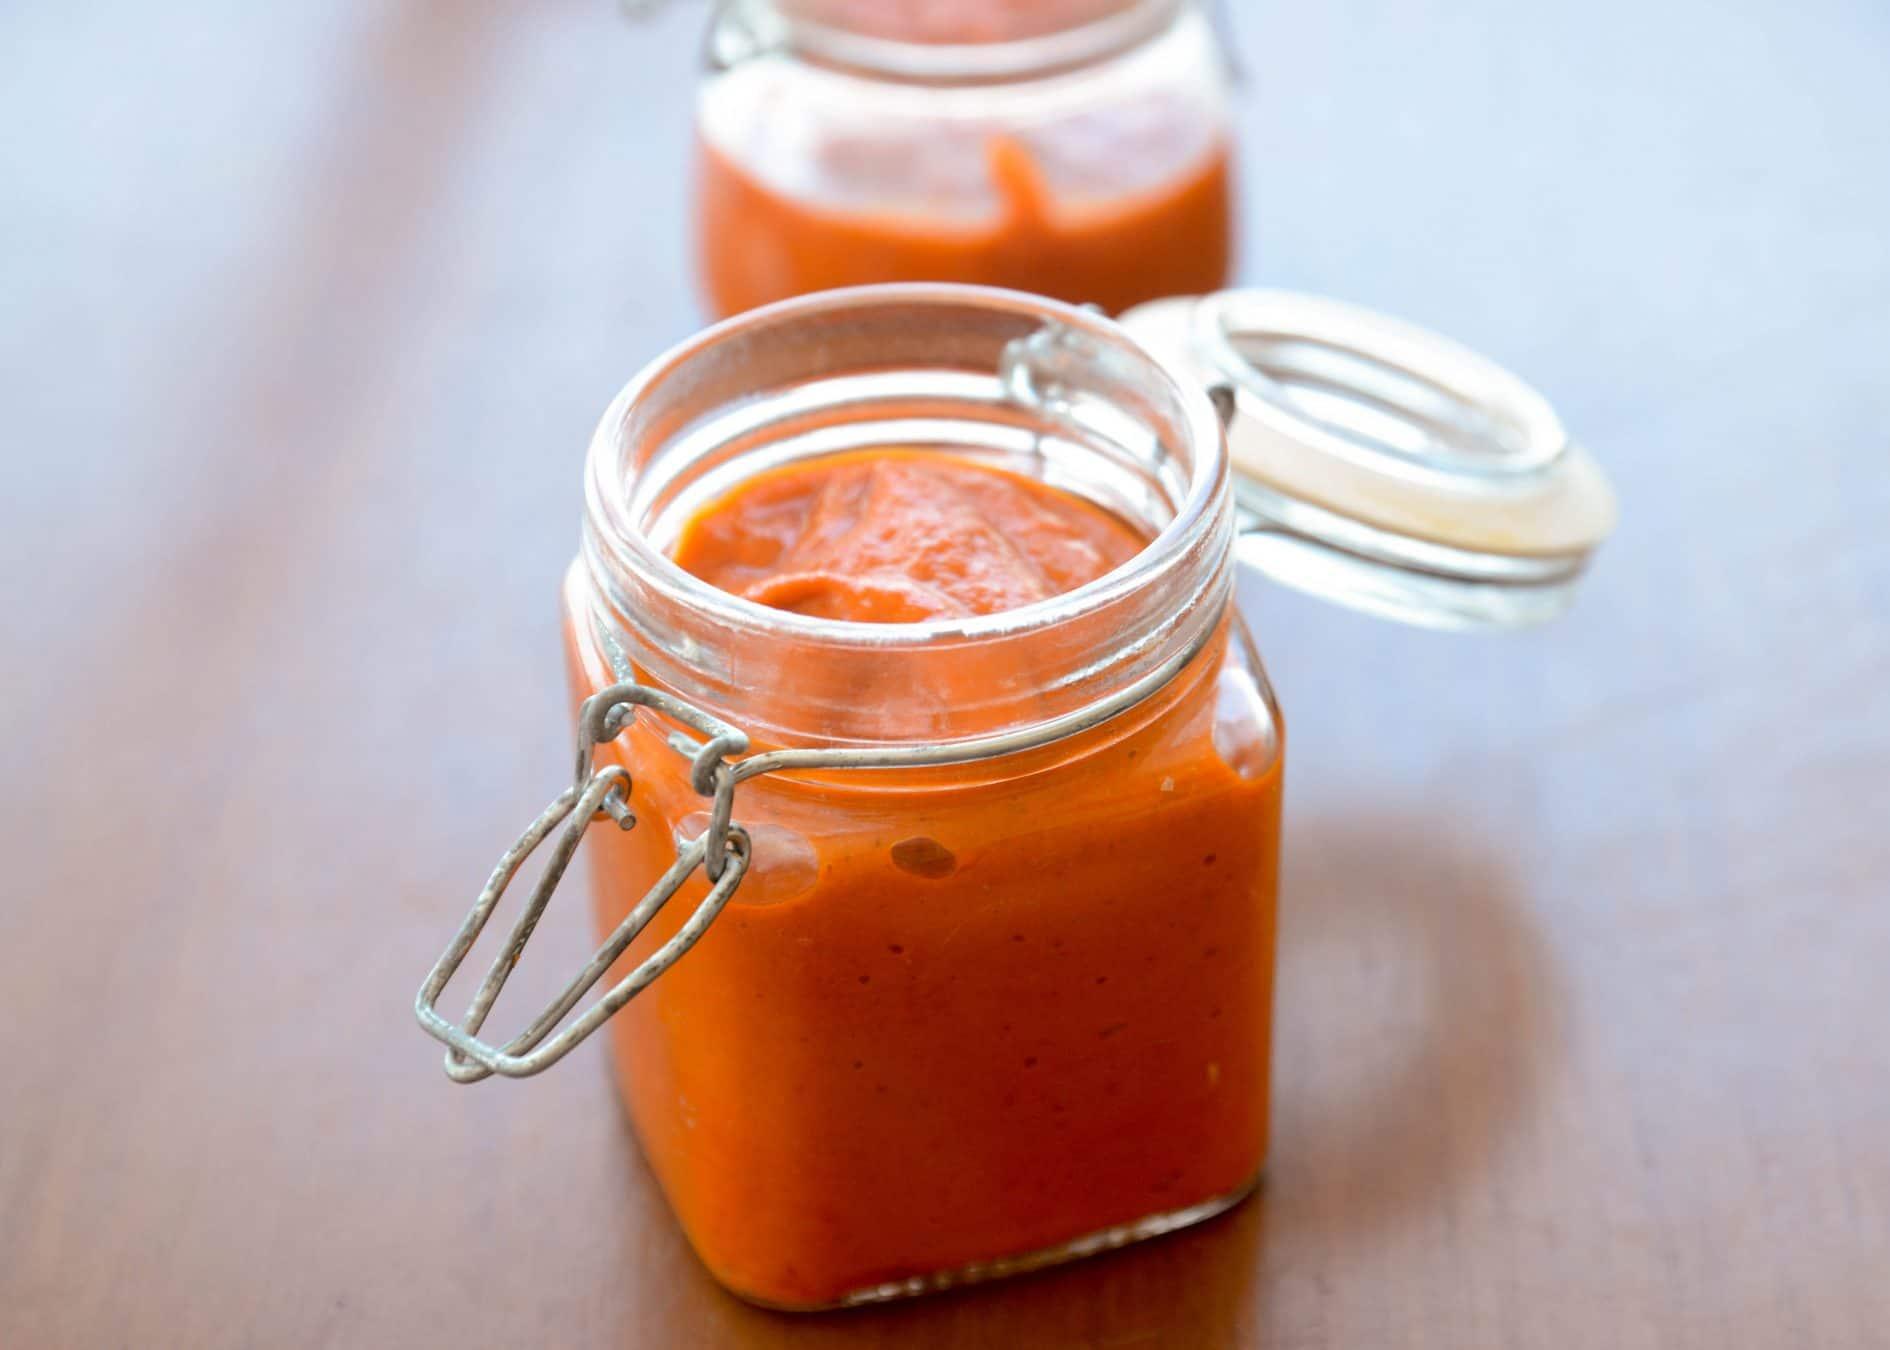 Receita de molho de pimenta biquinho em conserva. Sabor suave e delicioso, receita fácil de fazer! Faça seu próprio molho de pimenta!